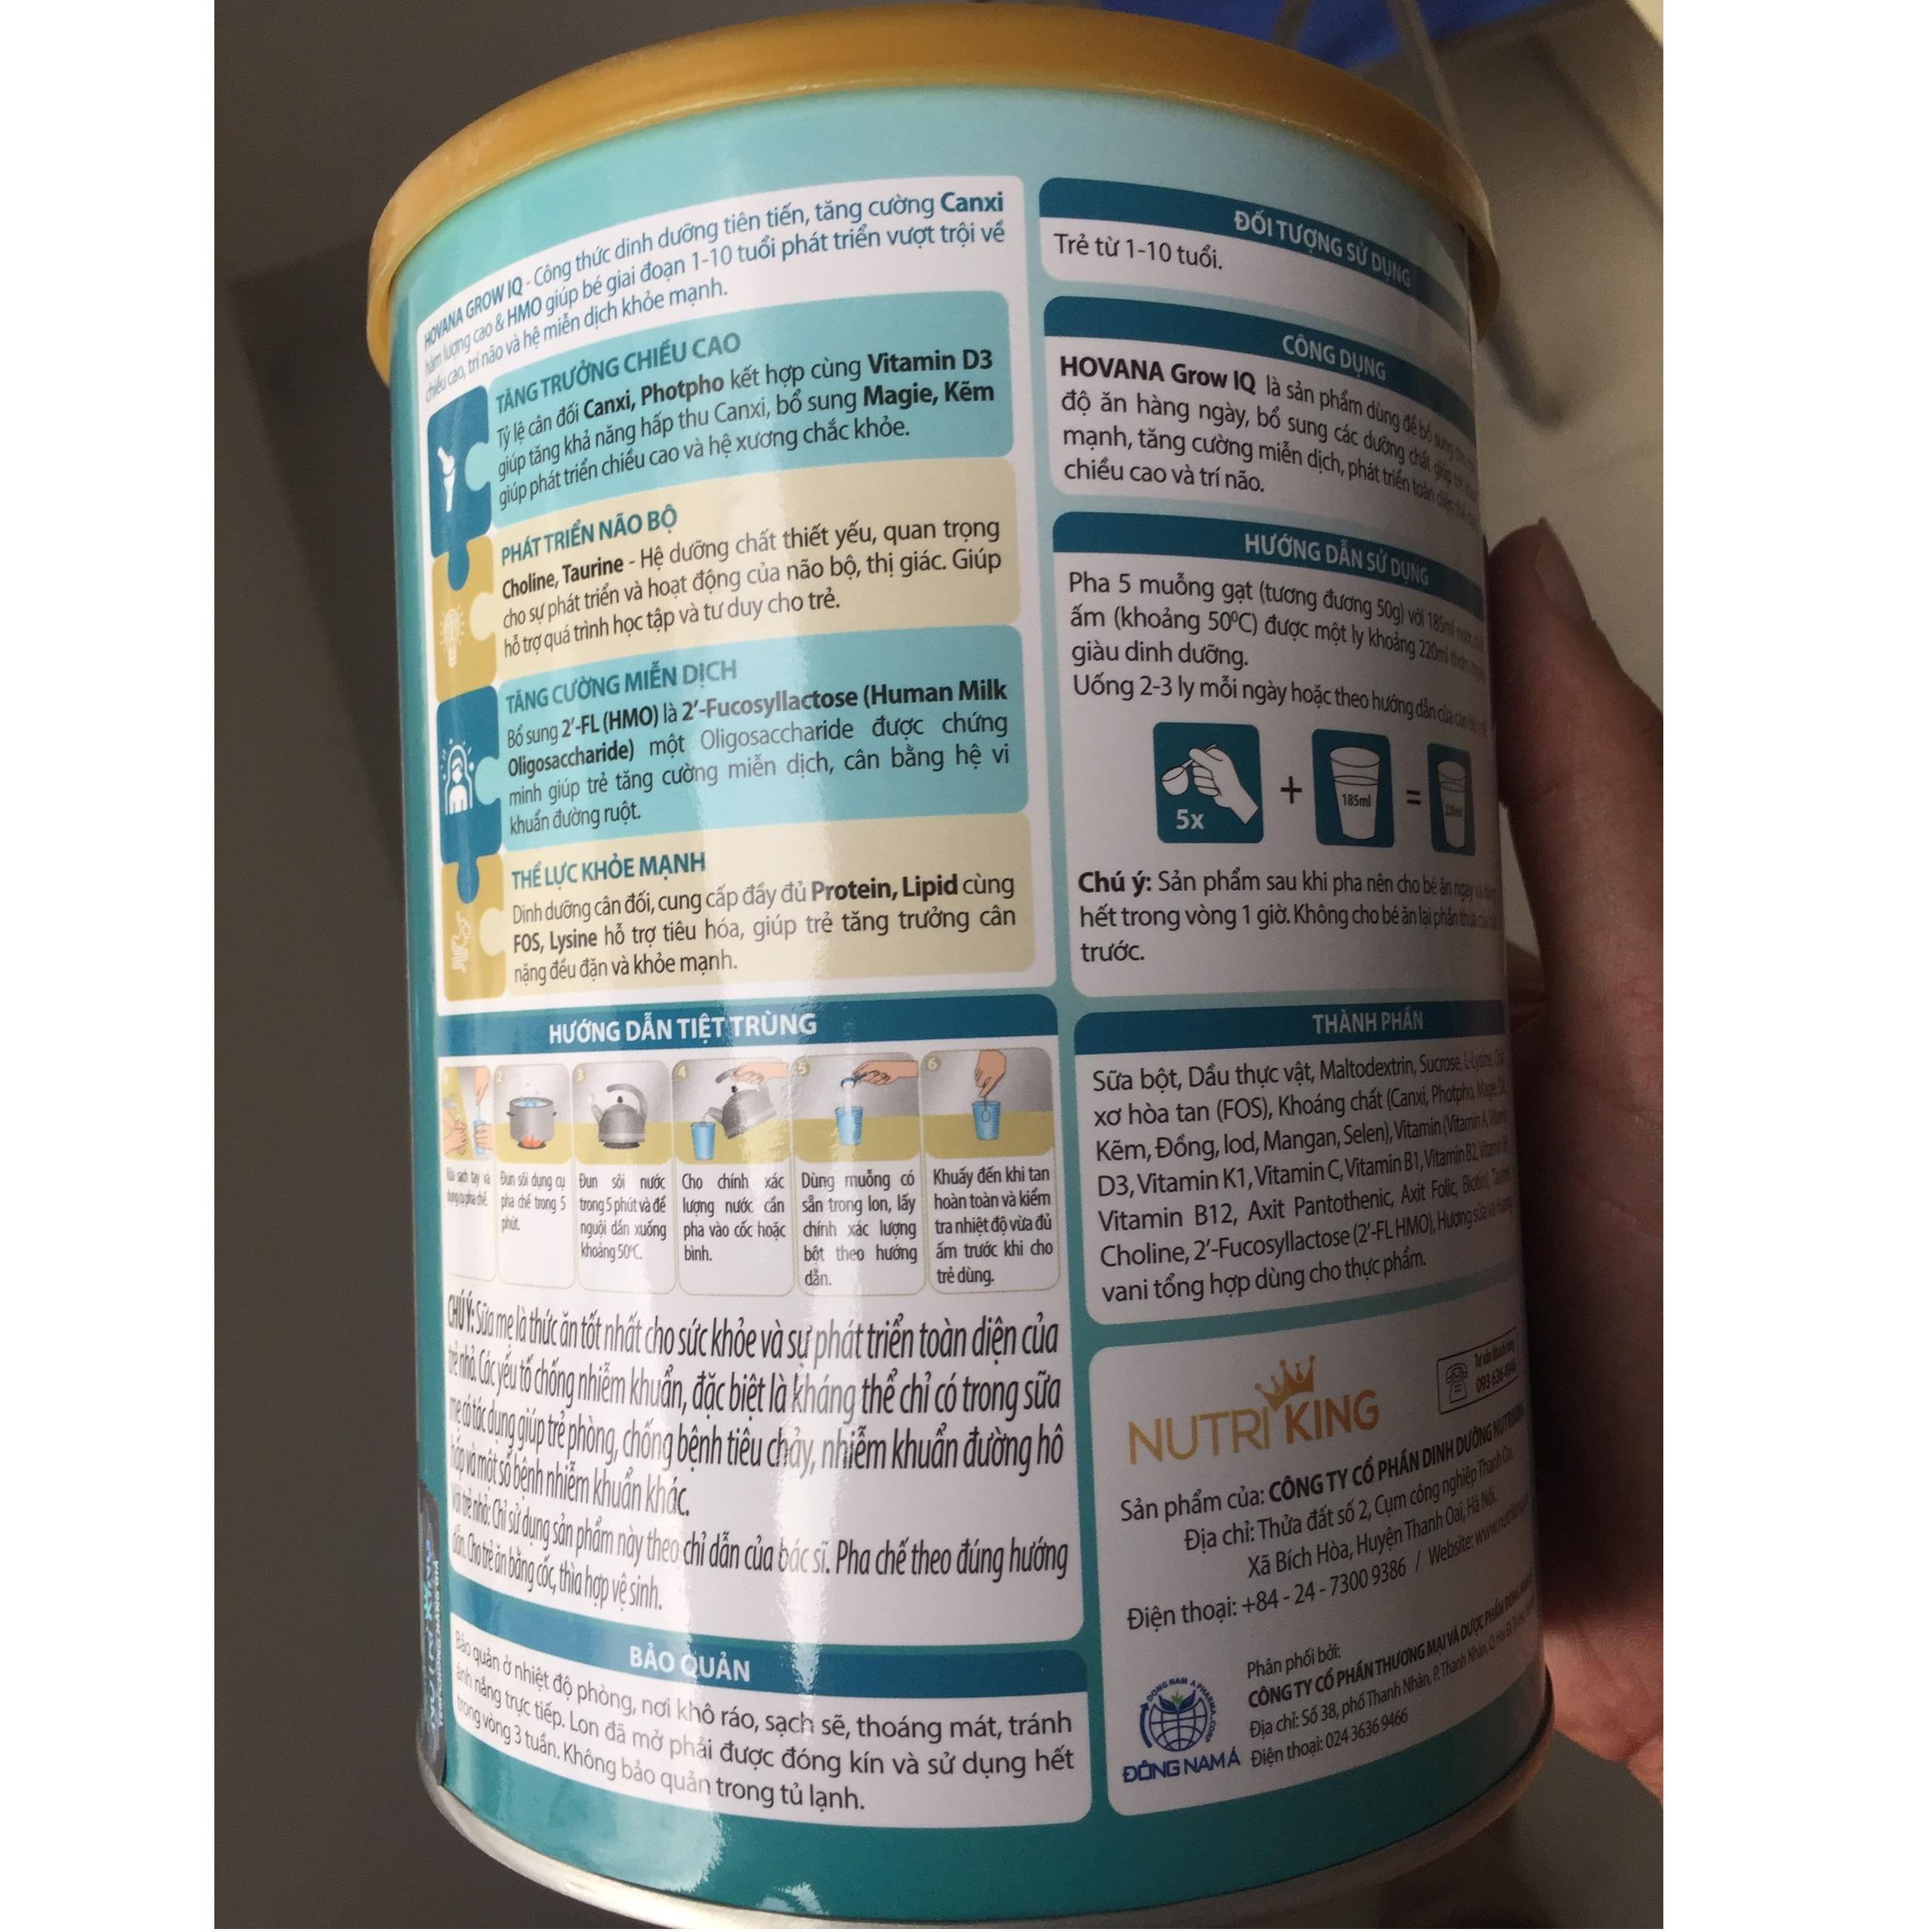 Bộ 2 Lon Sữa Bột Hovana Grow IQ 900gr Hỗ trợ tiêu hóa tốt, tăng miễn dịch, tăng cân tự nhiên cho bé 1 đến 10 tuổi